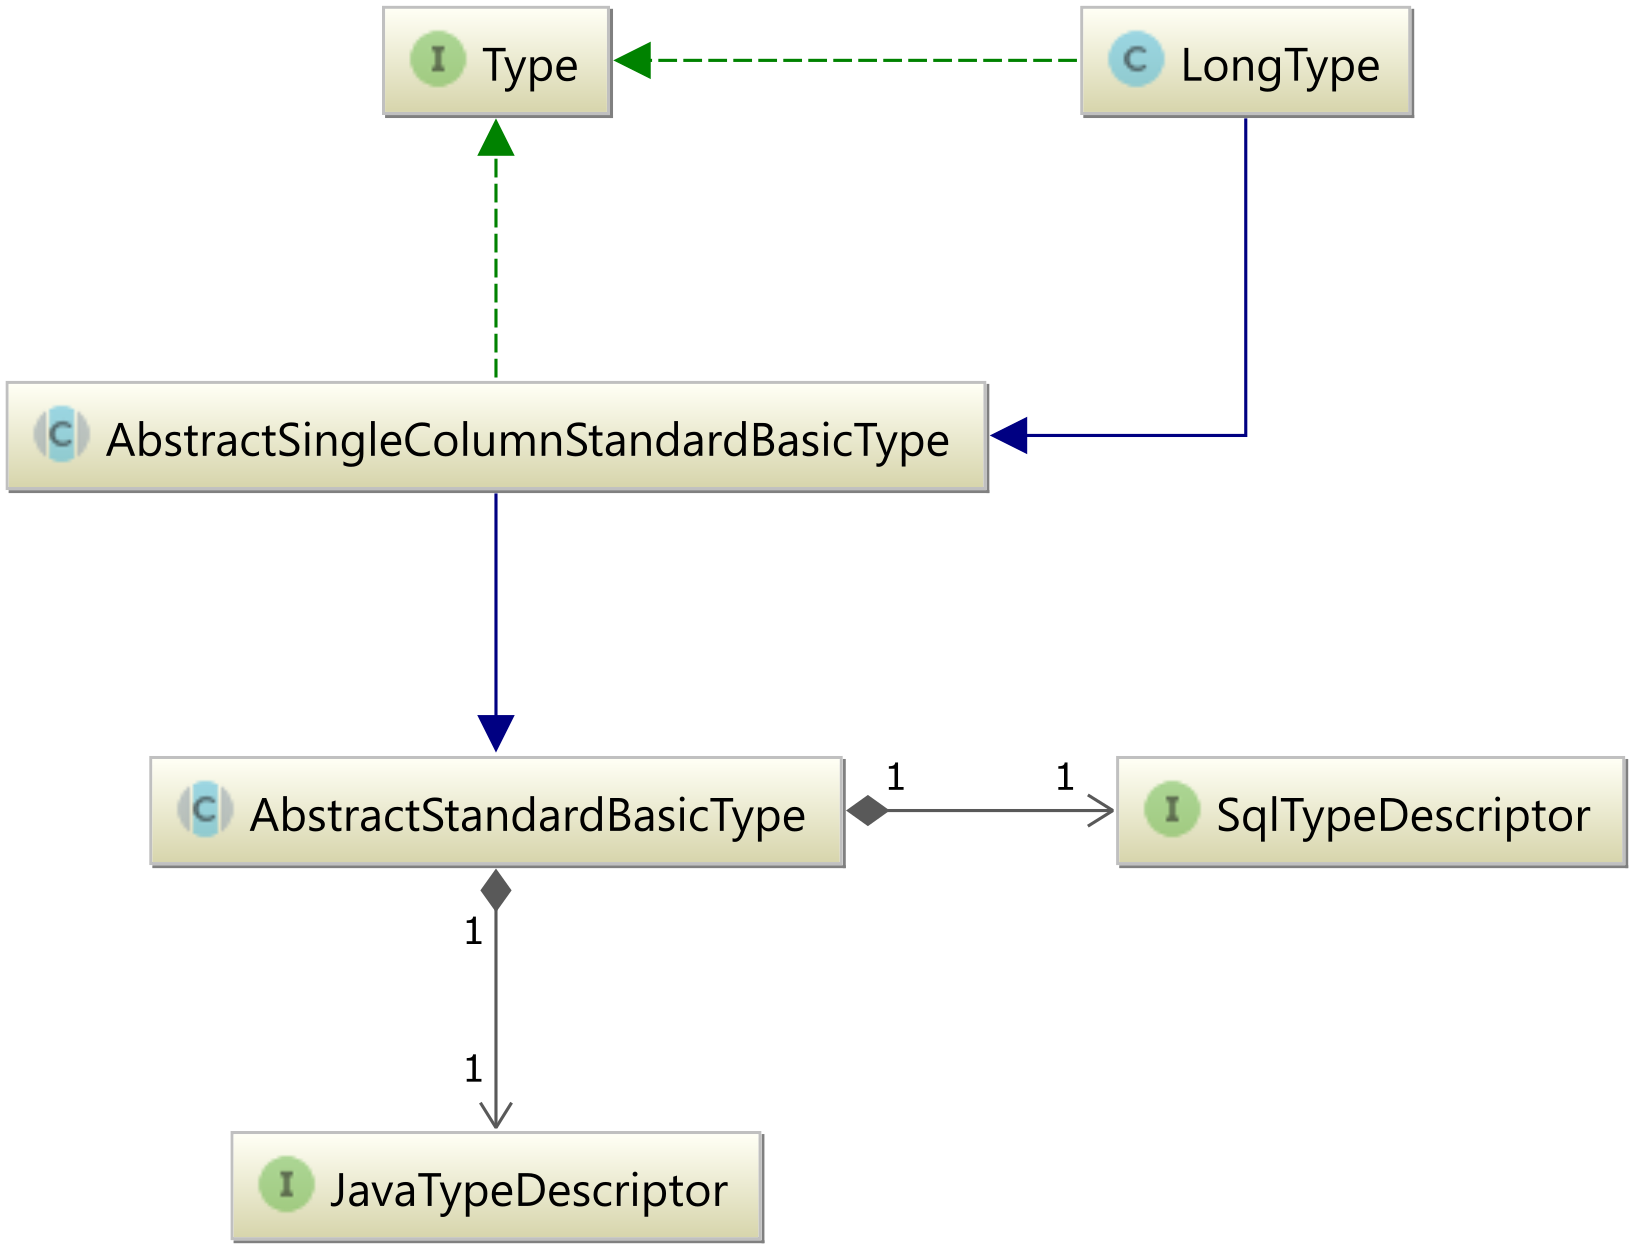 LongType descriptor